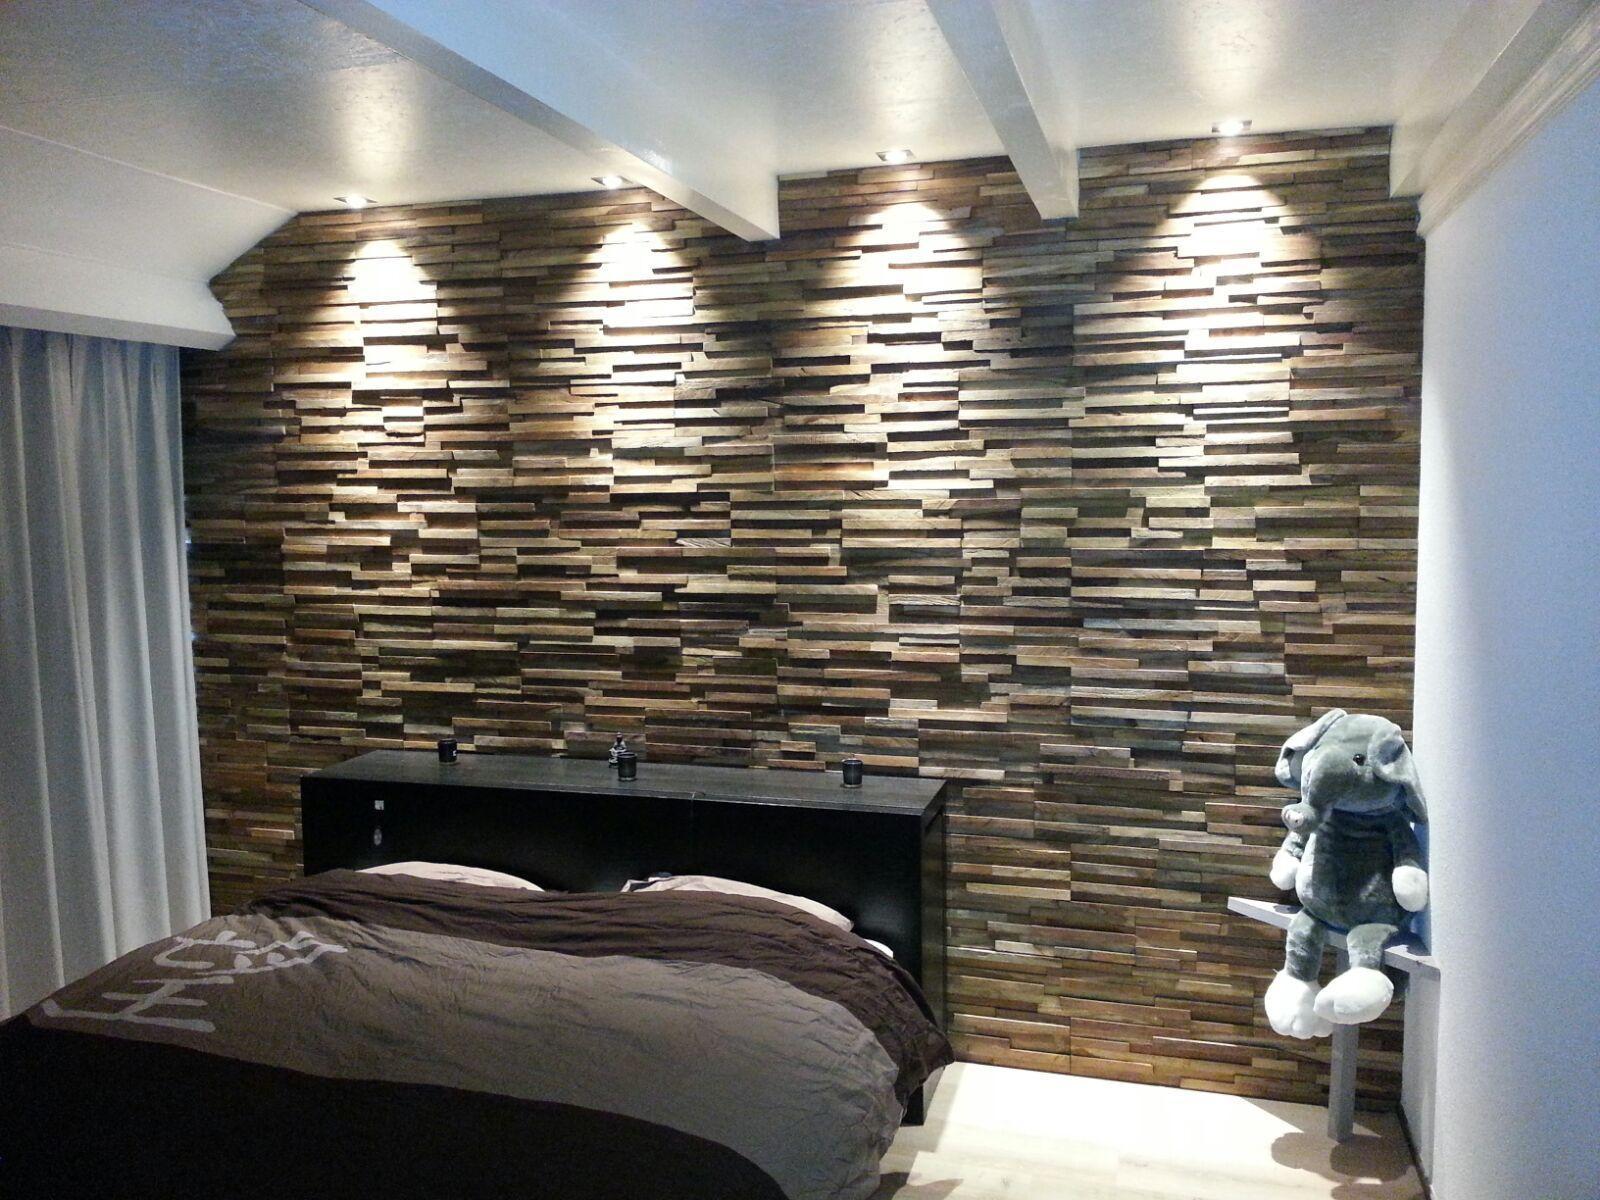 geef je woonkamer dat extra mooie effect en accousstiek met onze, Deco ideeën